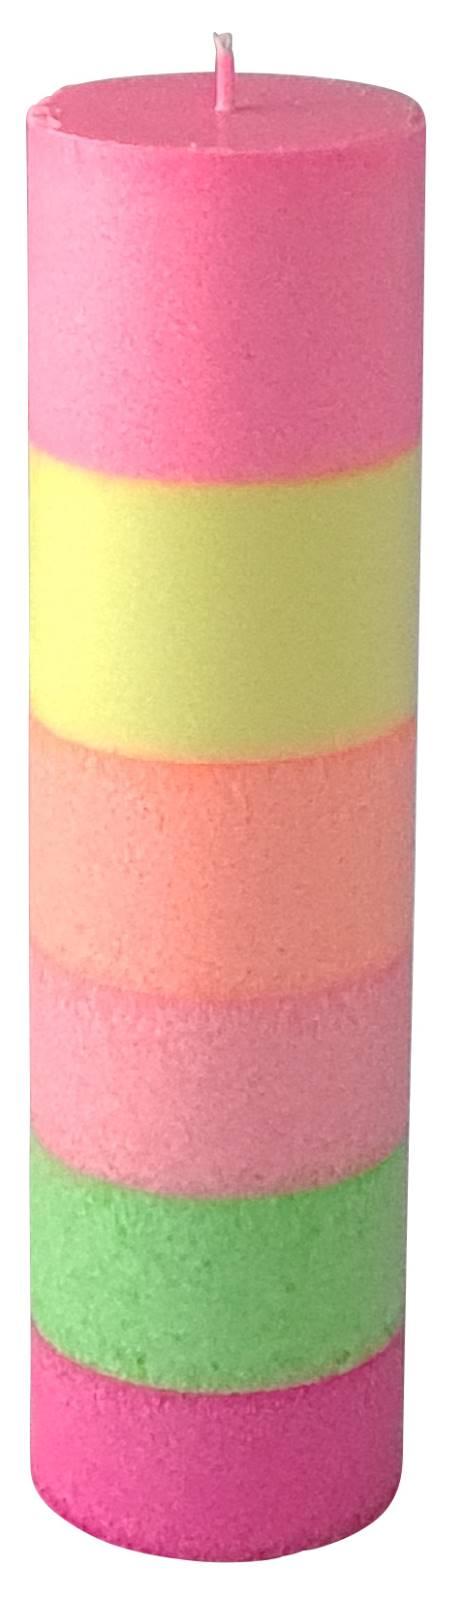 Kristall-neon_470